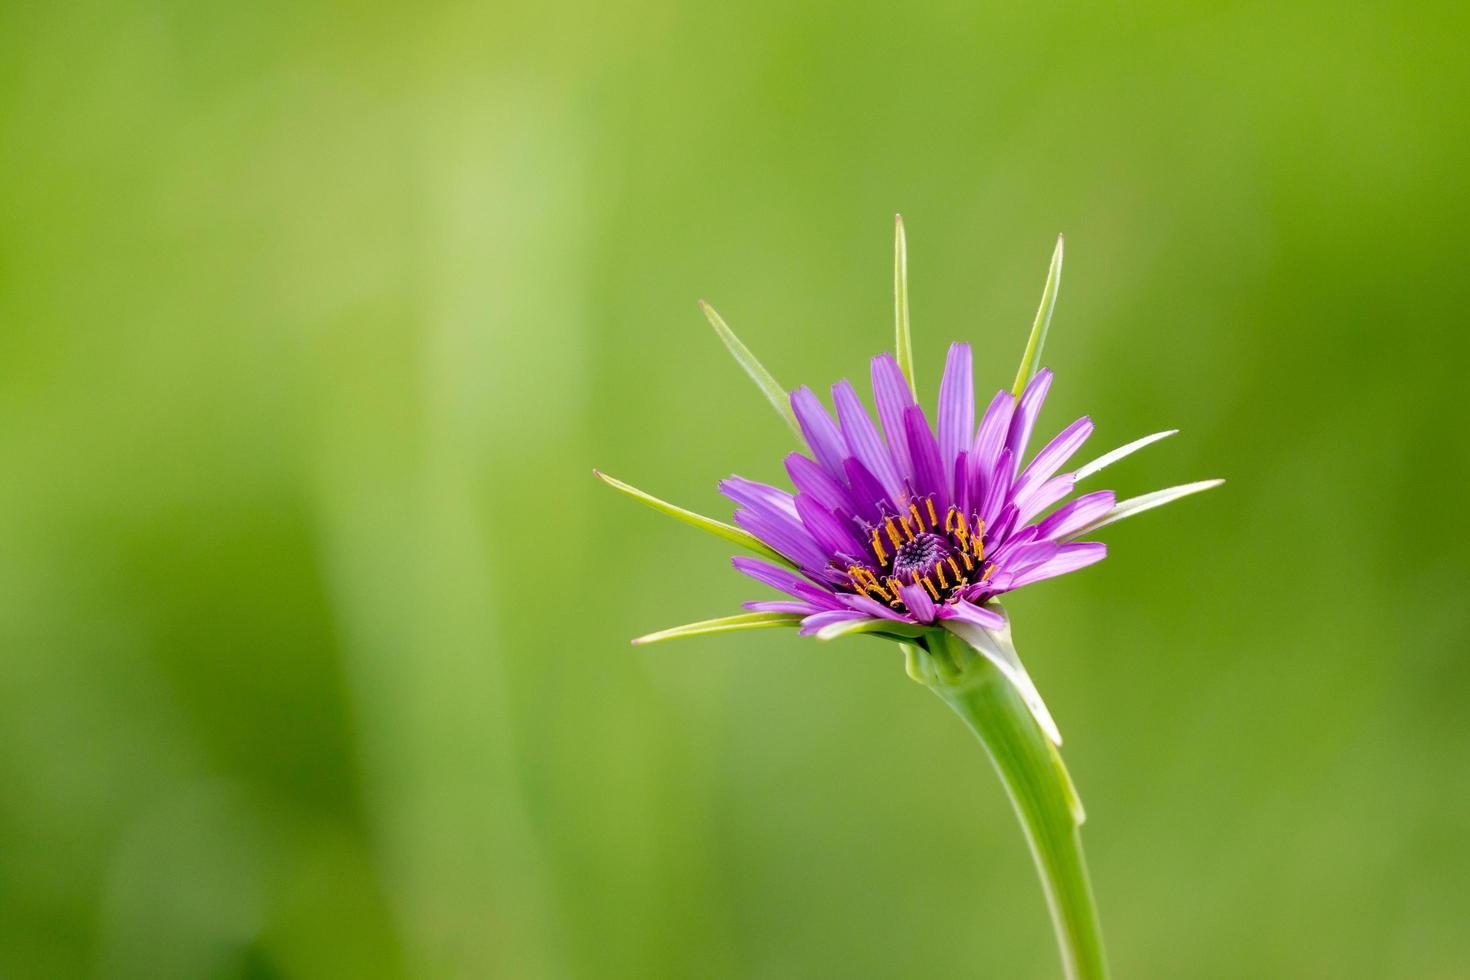 Nahaufnahme der lila Schwarzwurzelblume foto